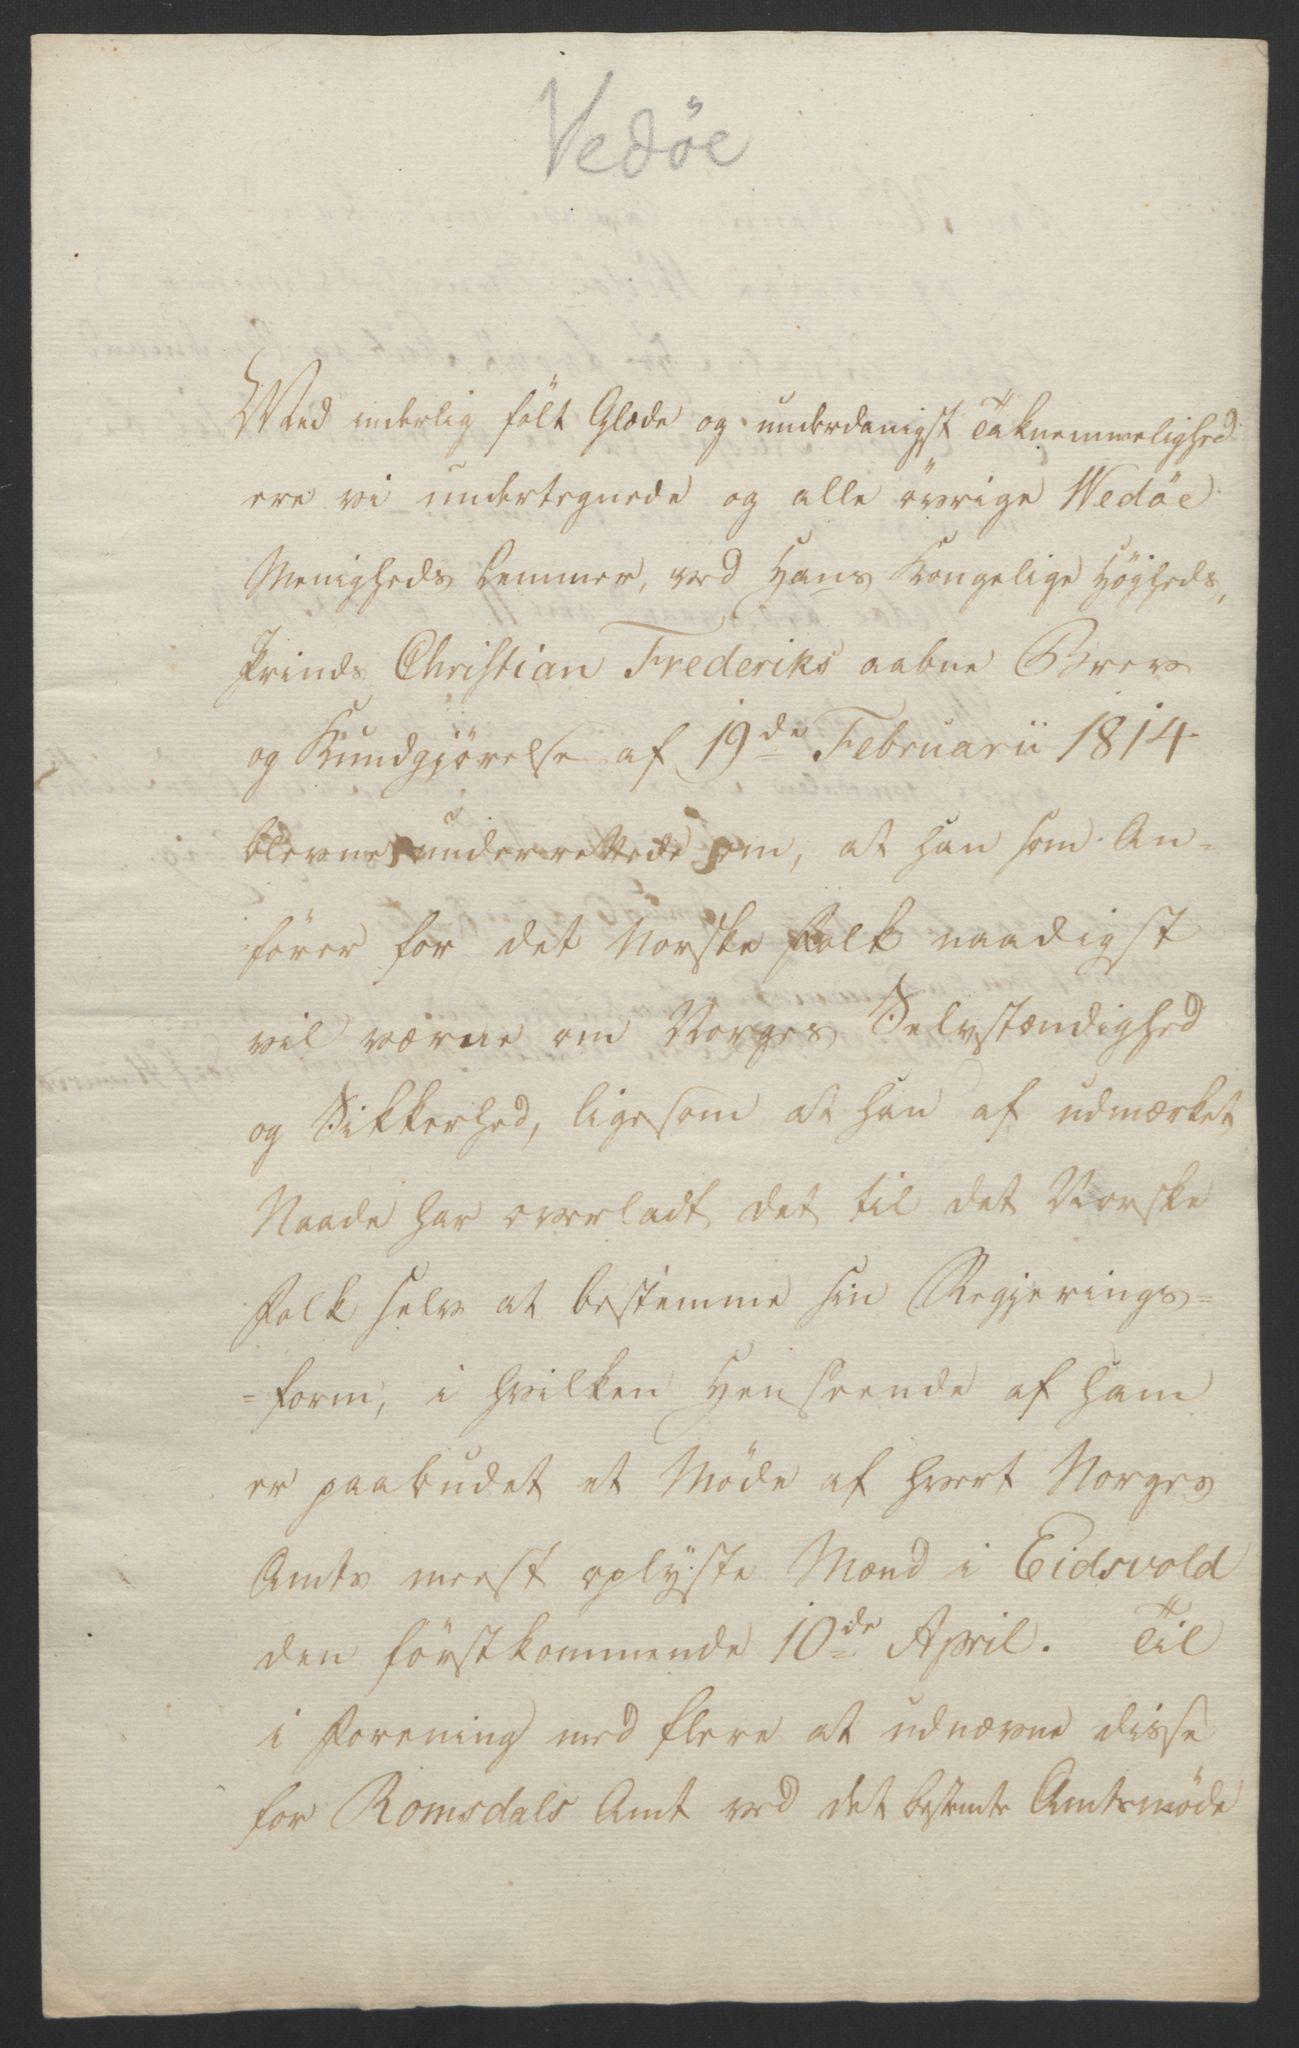 RA, Statsrådssekretariatet, D/Db/L0008: Fullmakter for Eidsvollsrepresentantene i 1814. , 1814, s. 414